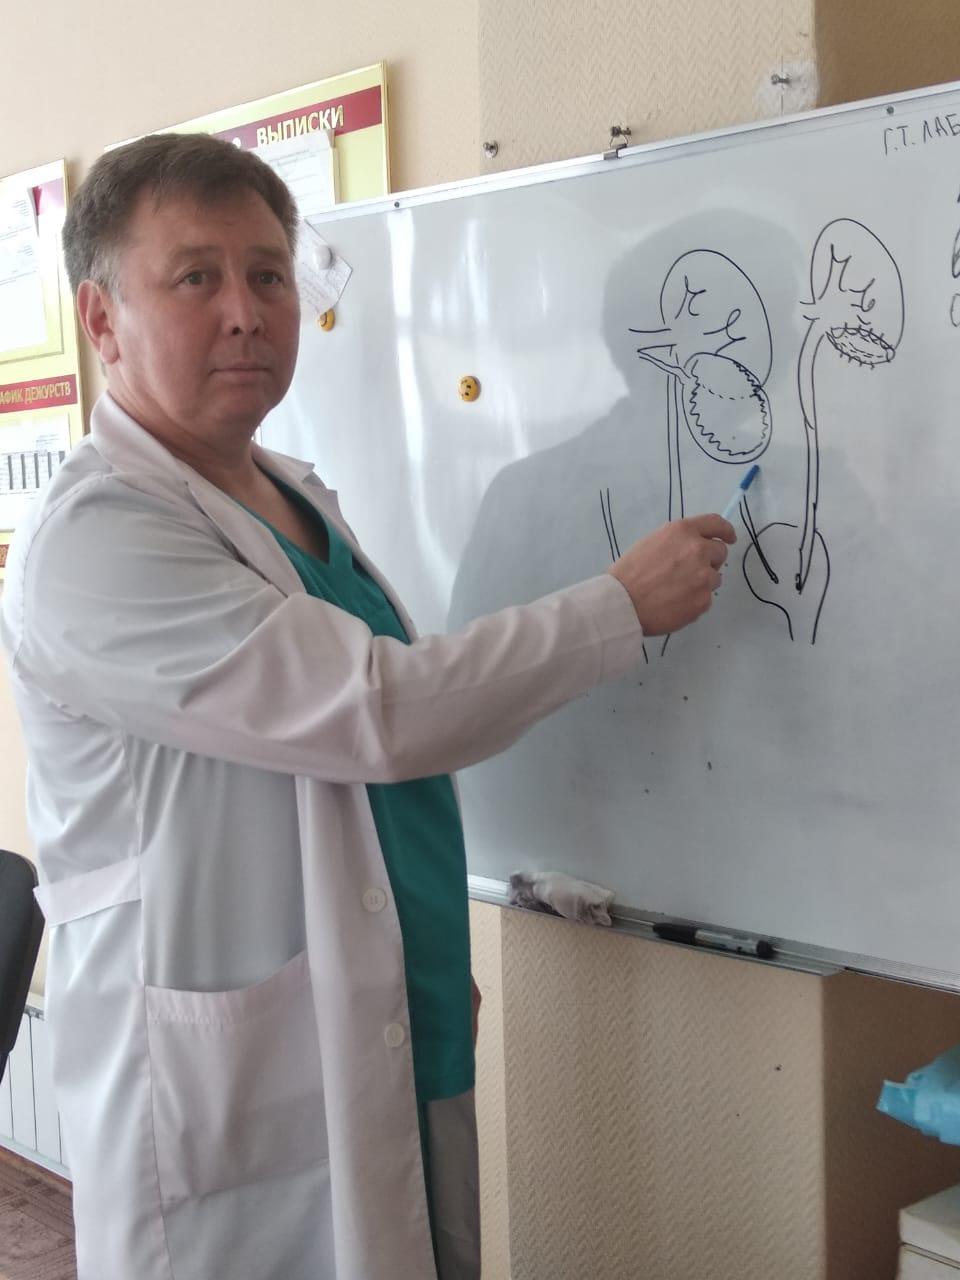 Осложнения после обрезания: 10 мальчиков поступили за месяц в костанайскую больницу